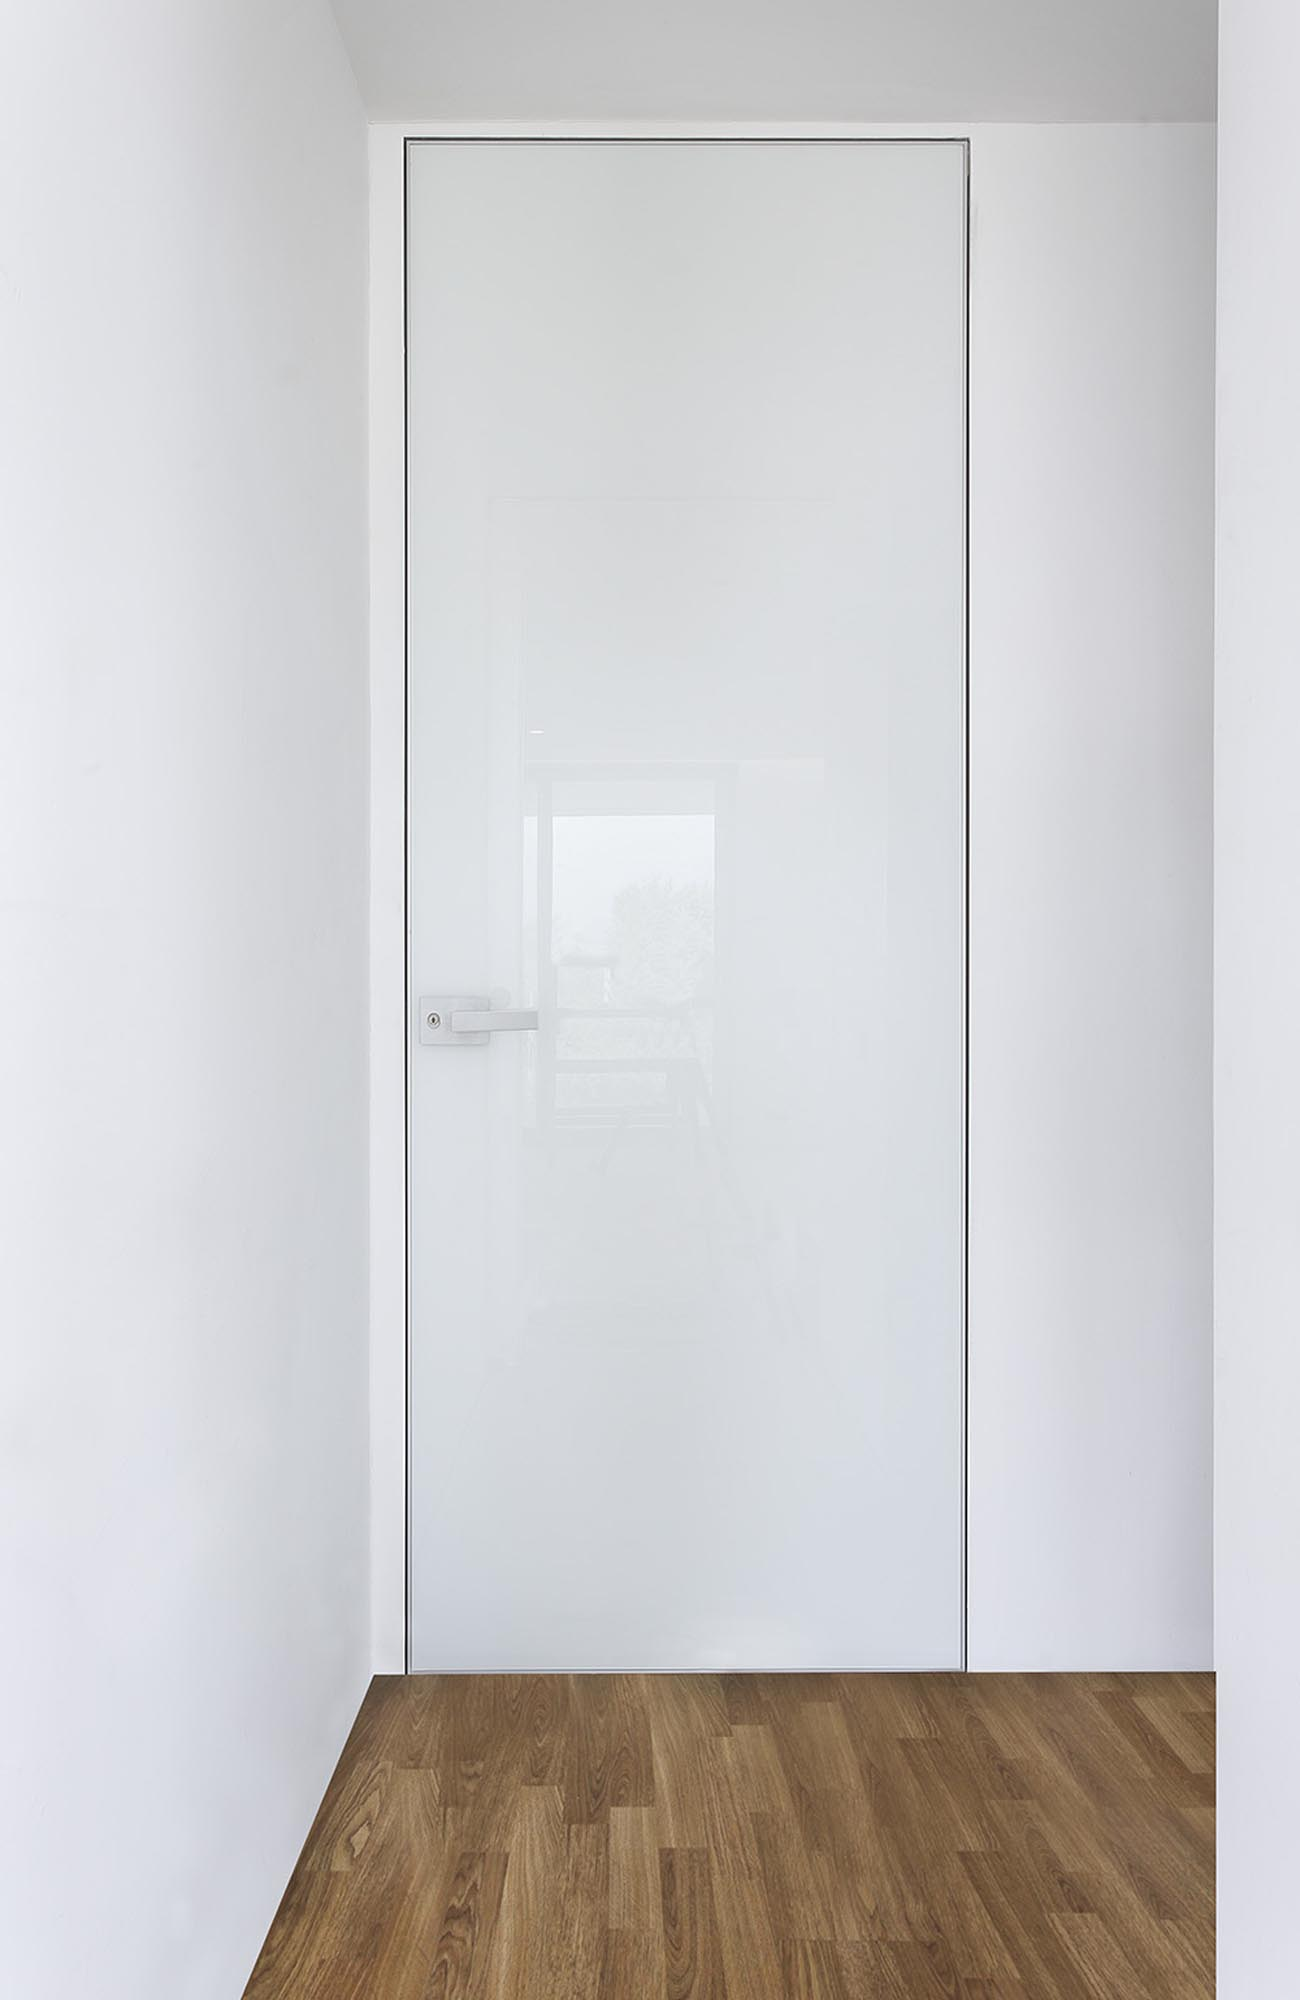 INTERNAL DOOR LESS WITH HIDDEN ALUMINUM FRAME & GLASS,